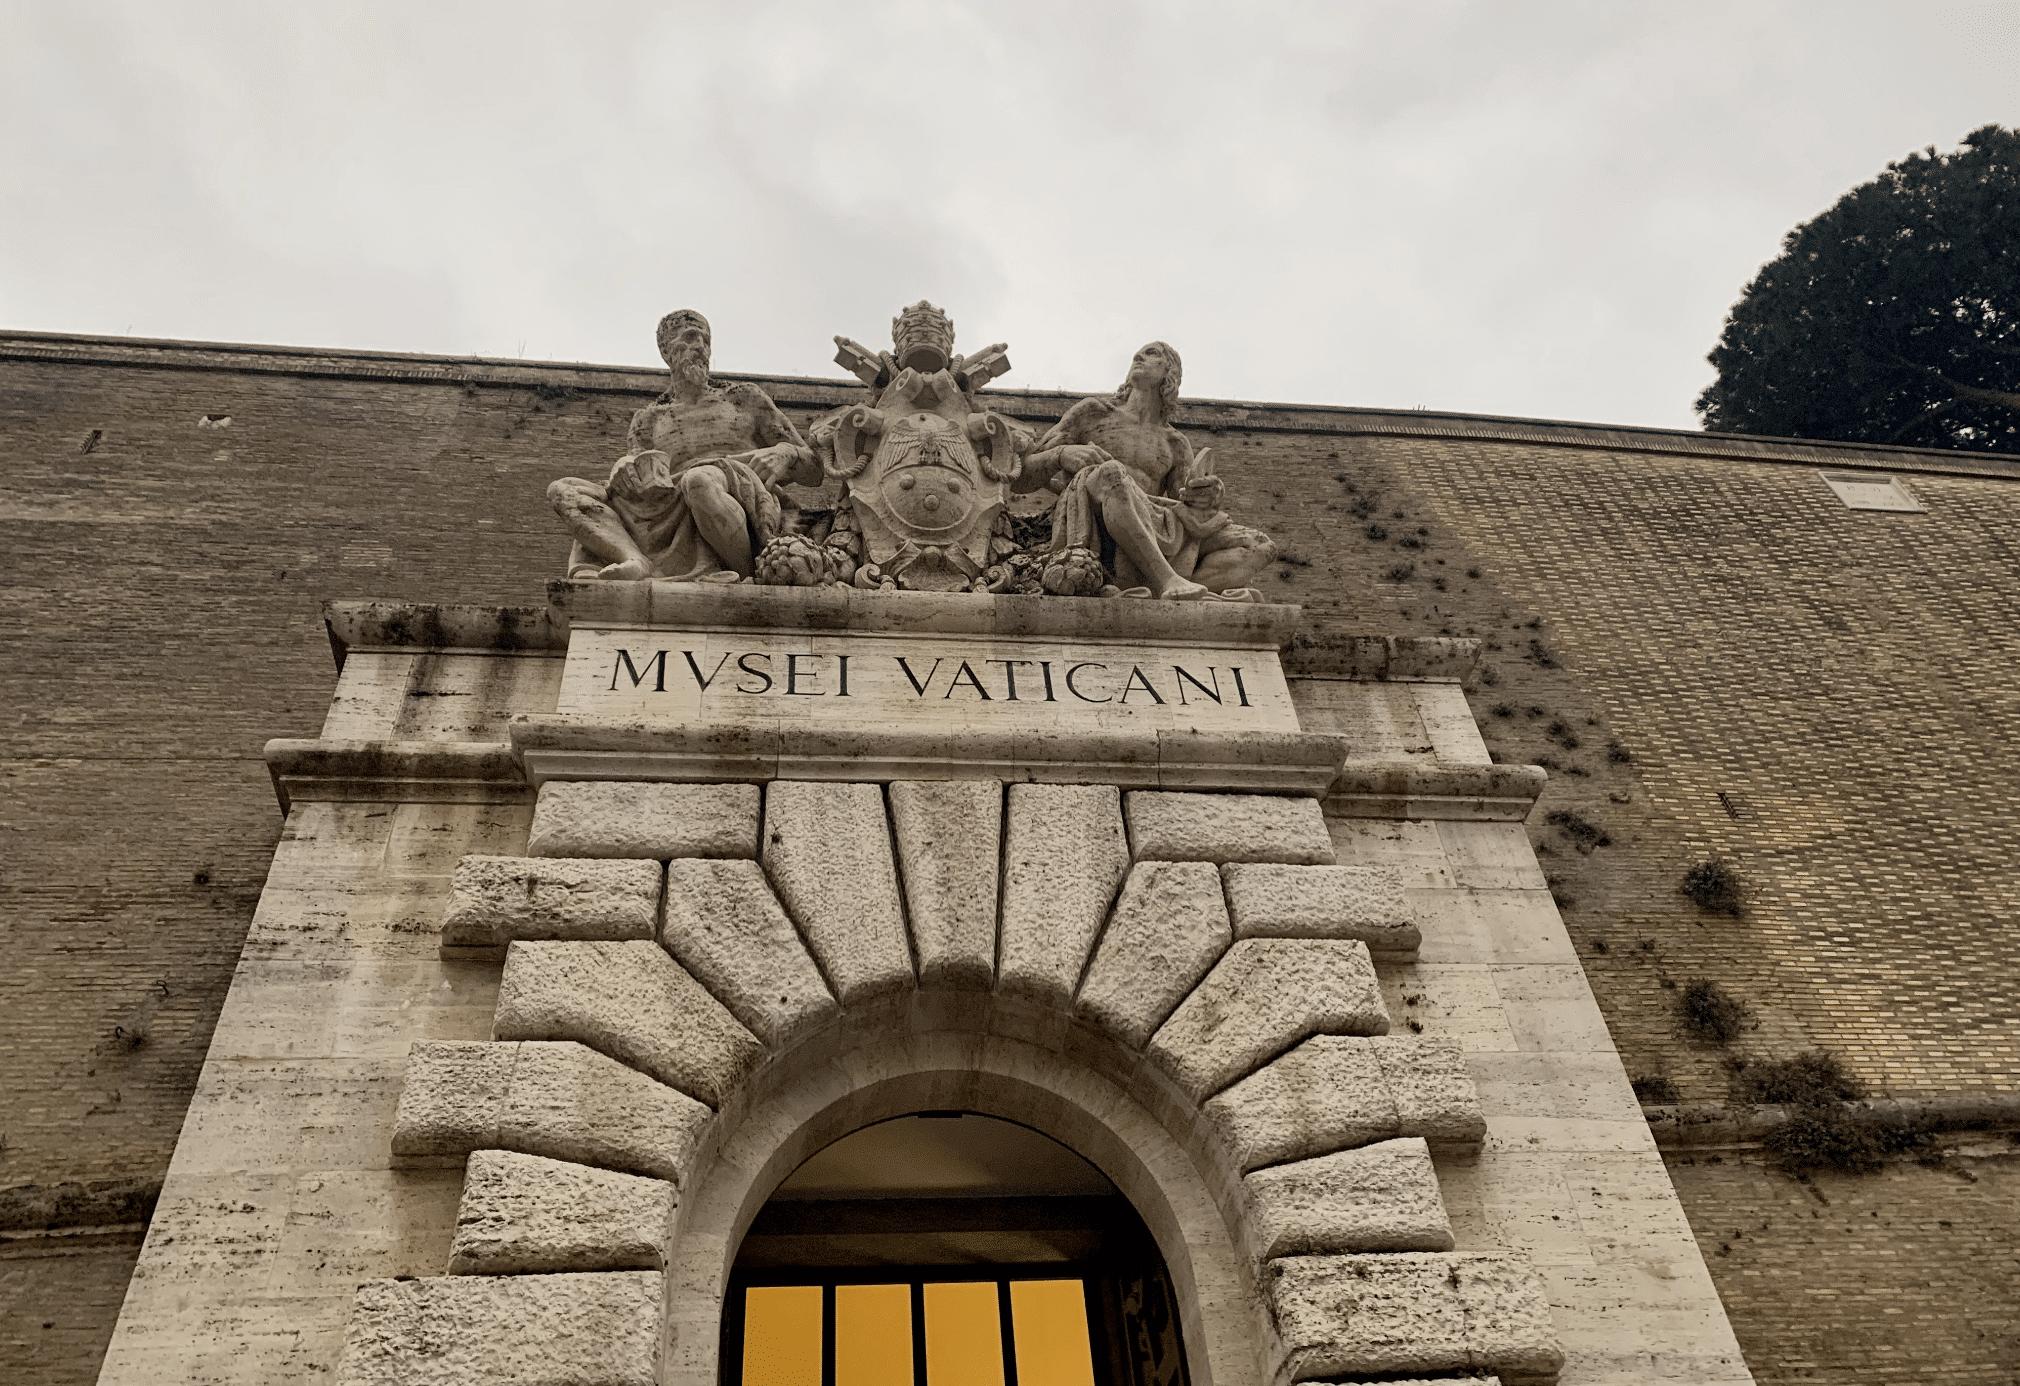 visite du vatican : les musees